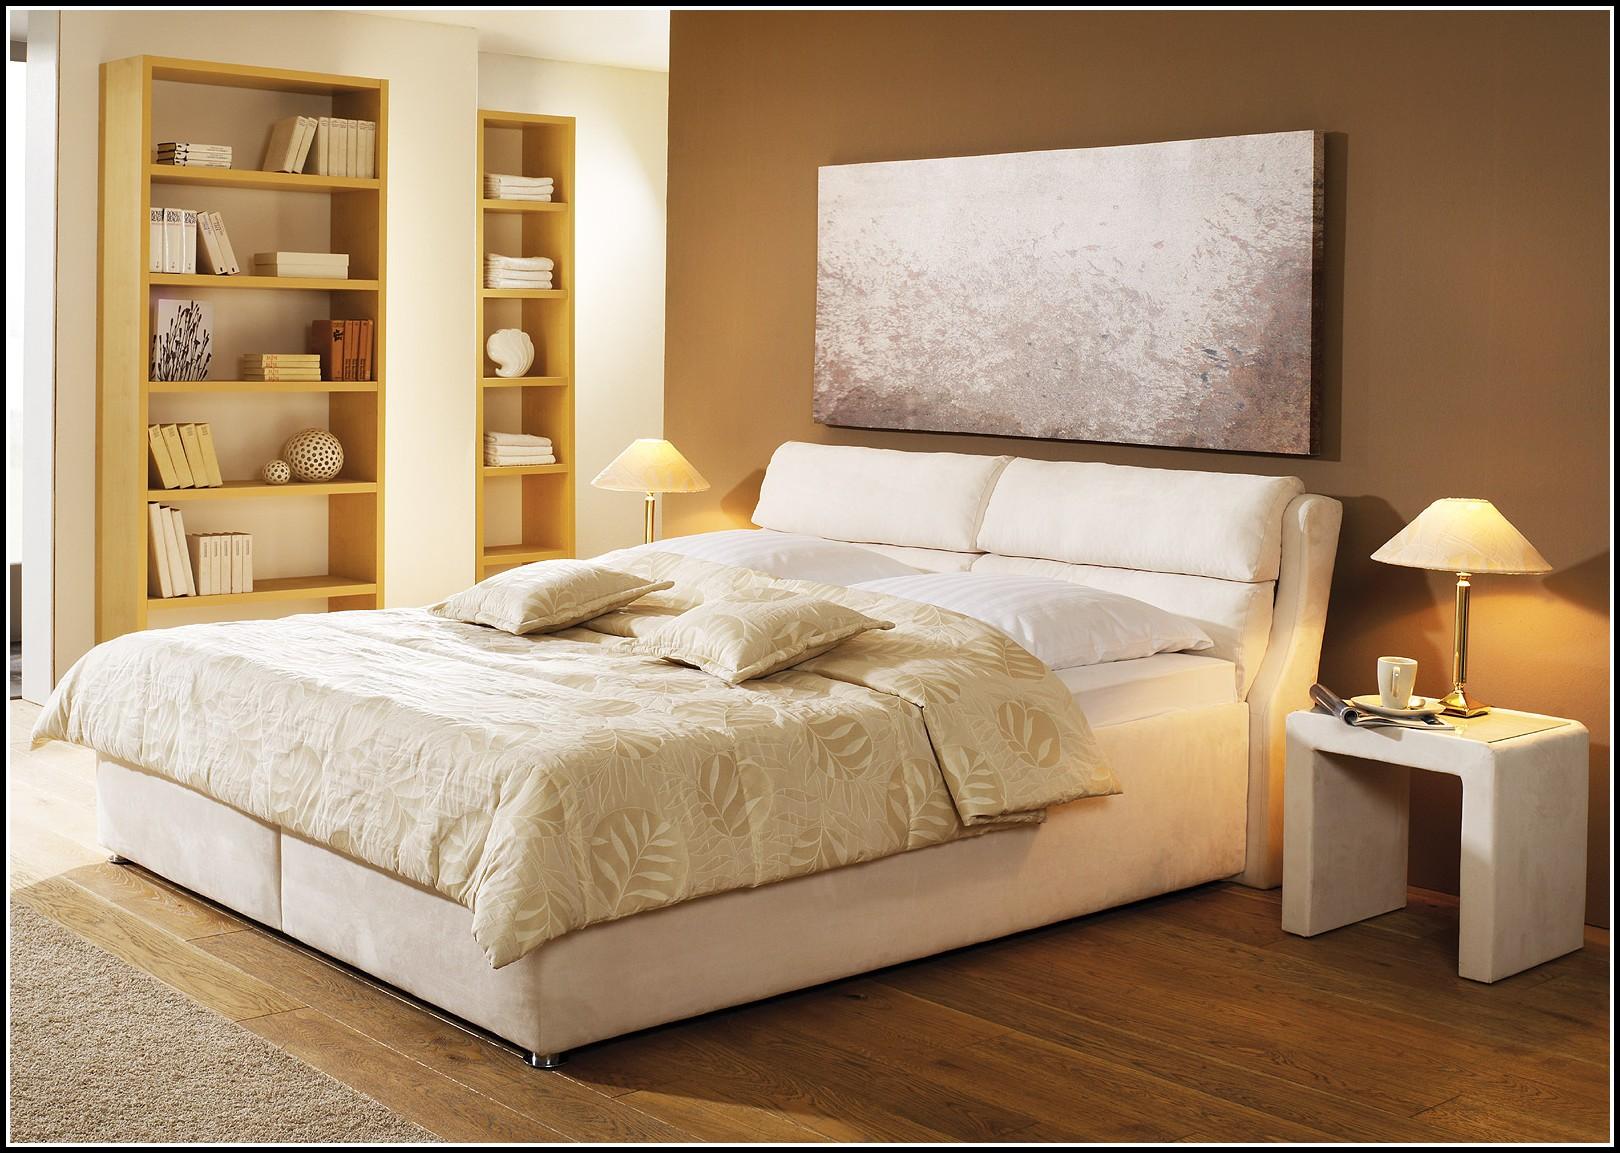 Bett 160x200 Weis Landhaus